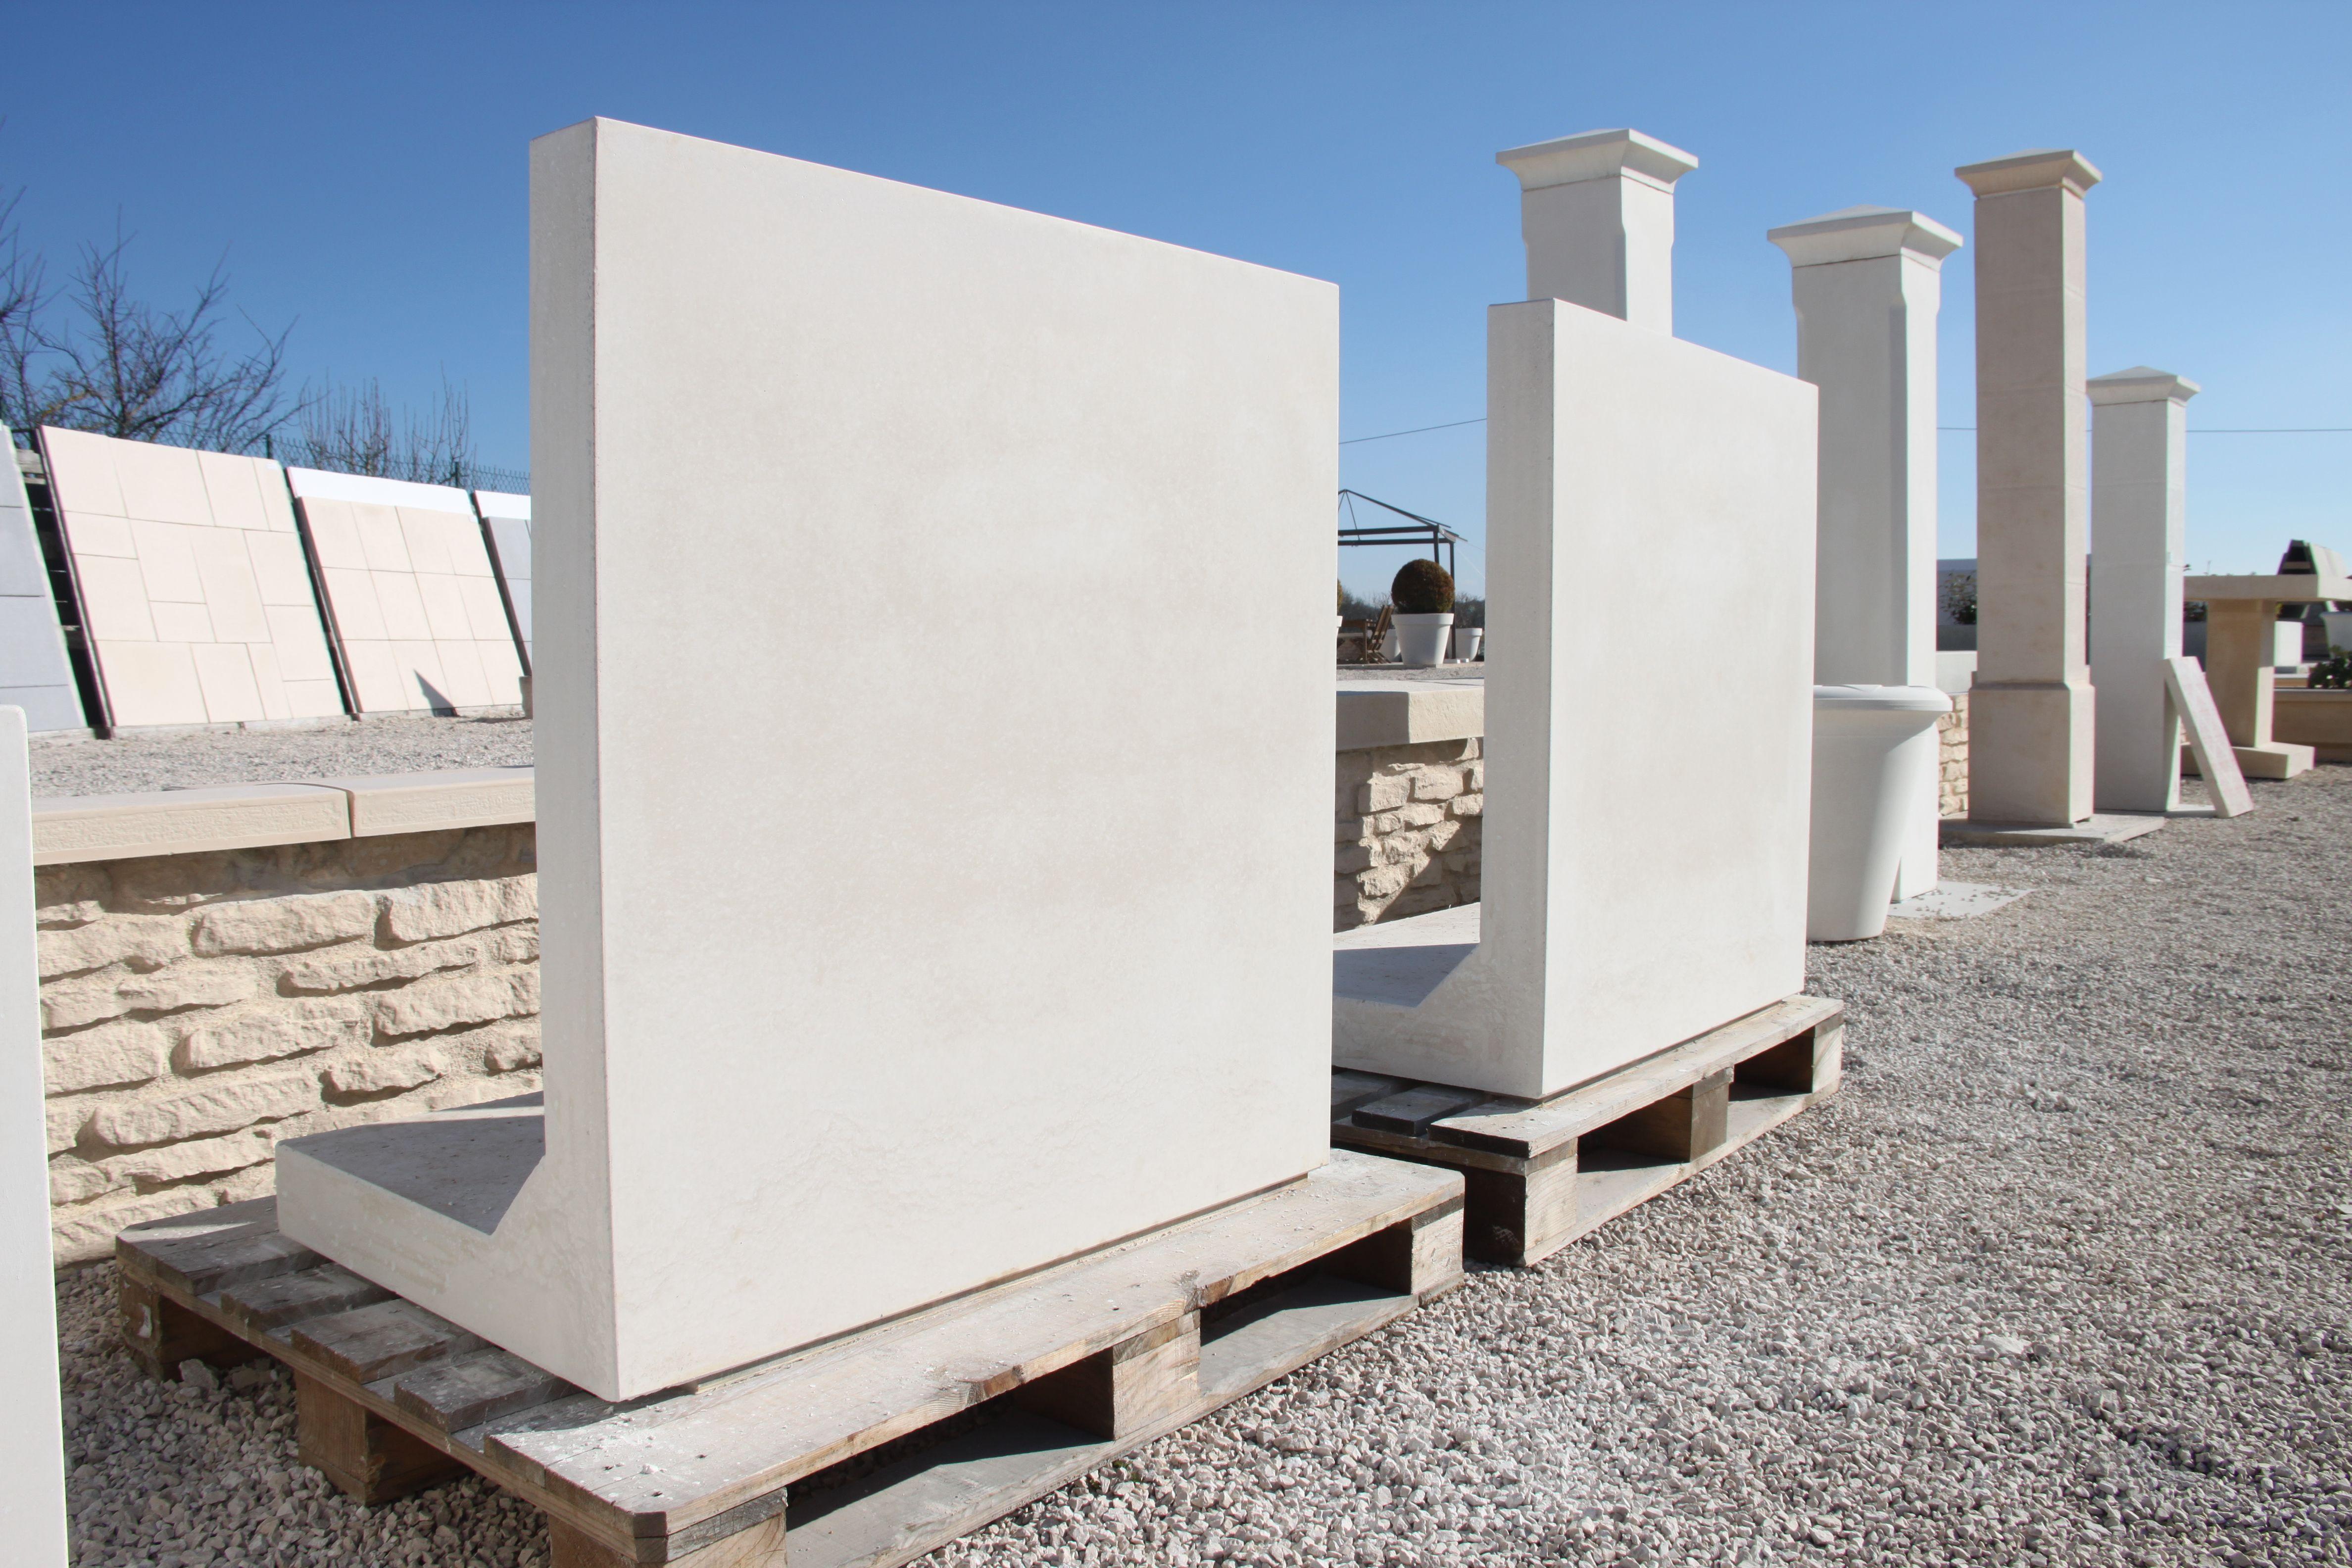 Prix D Un Mur De Cloture En Plaque De Beton mur de soutènement préfabriqué lisse en béton. mur en l